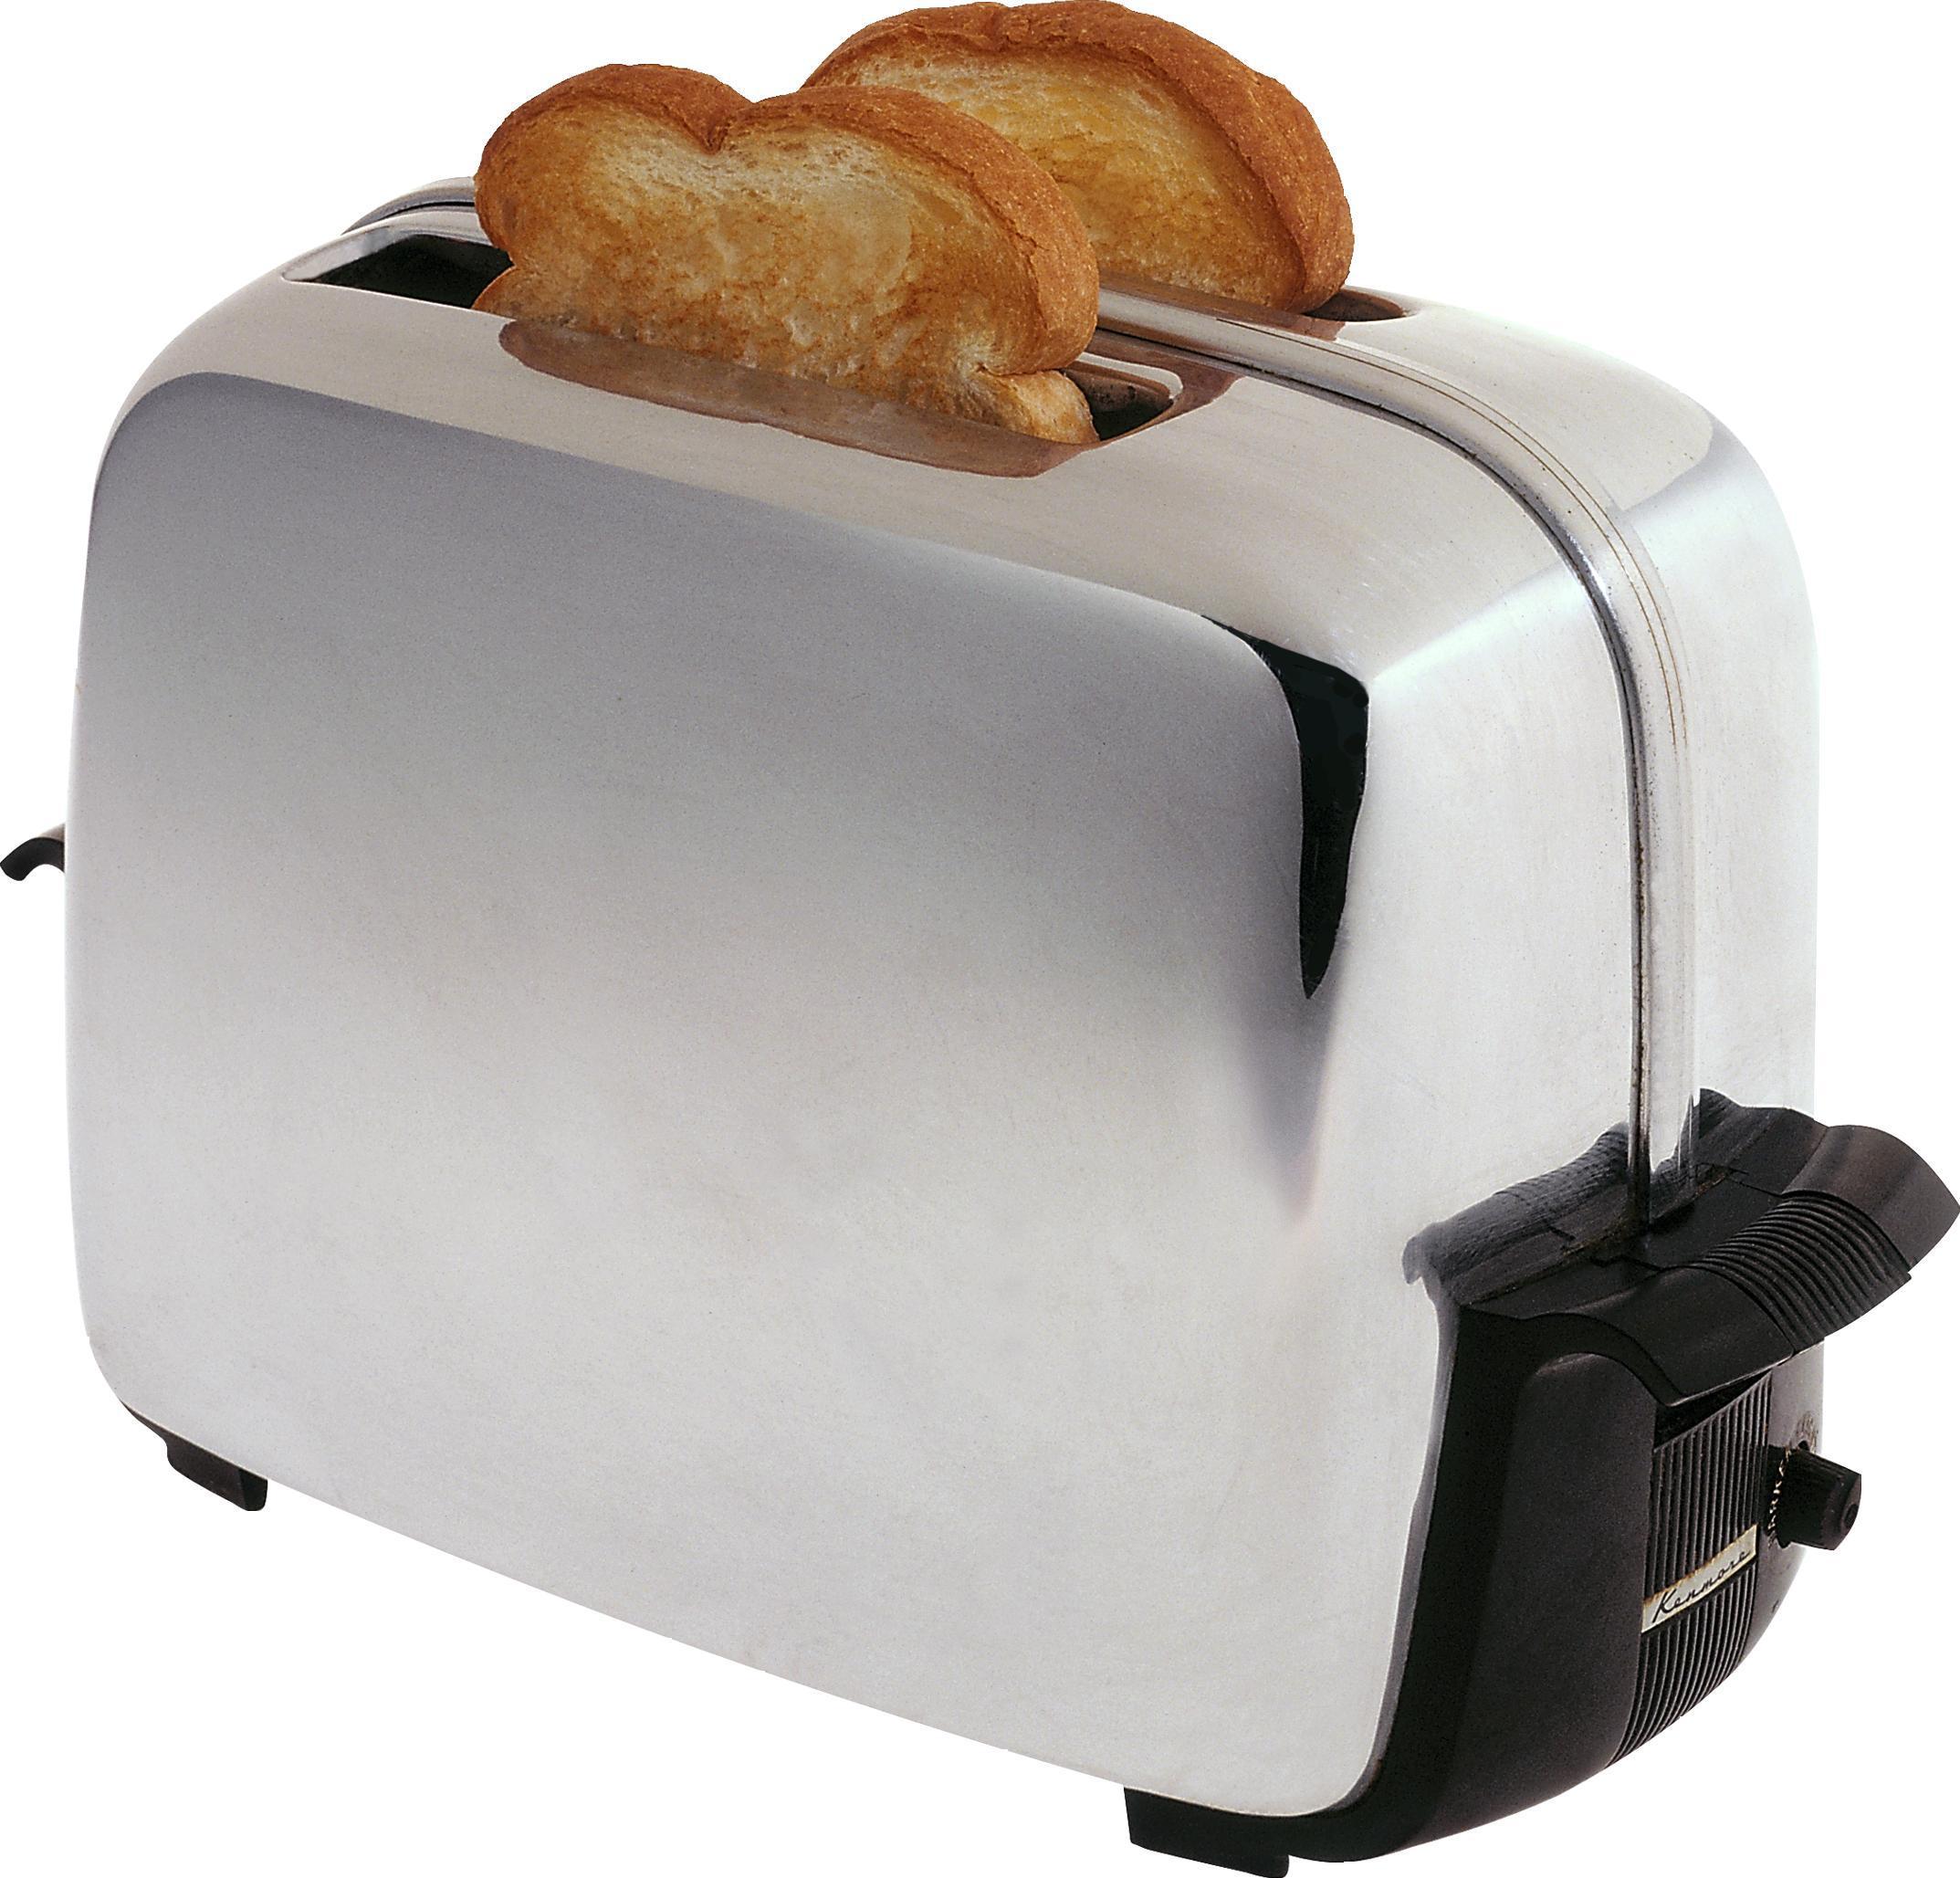 Для чего необходим тостер?